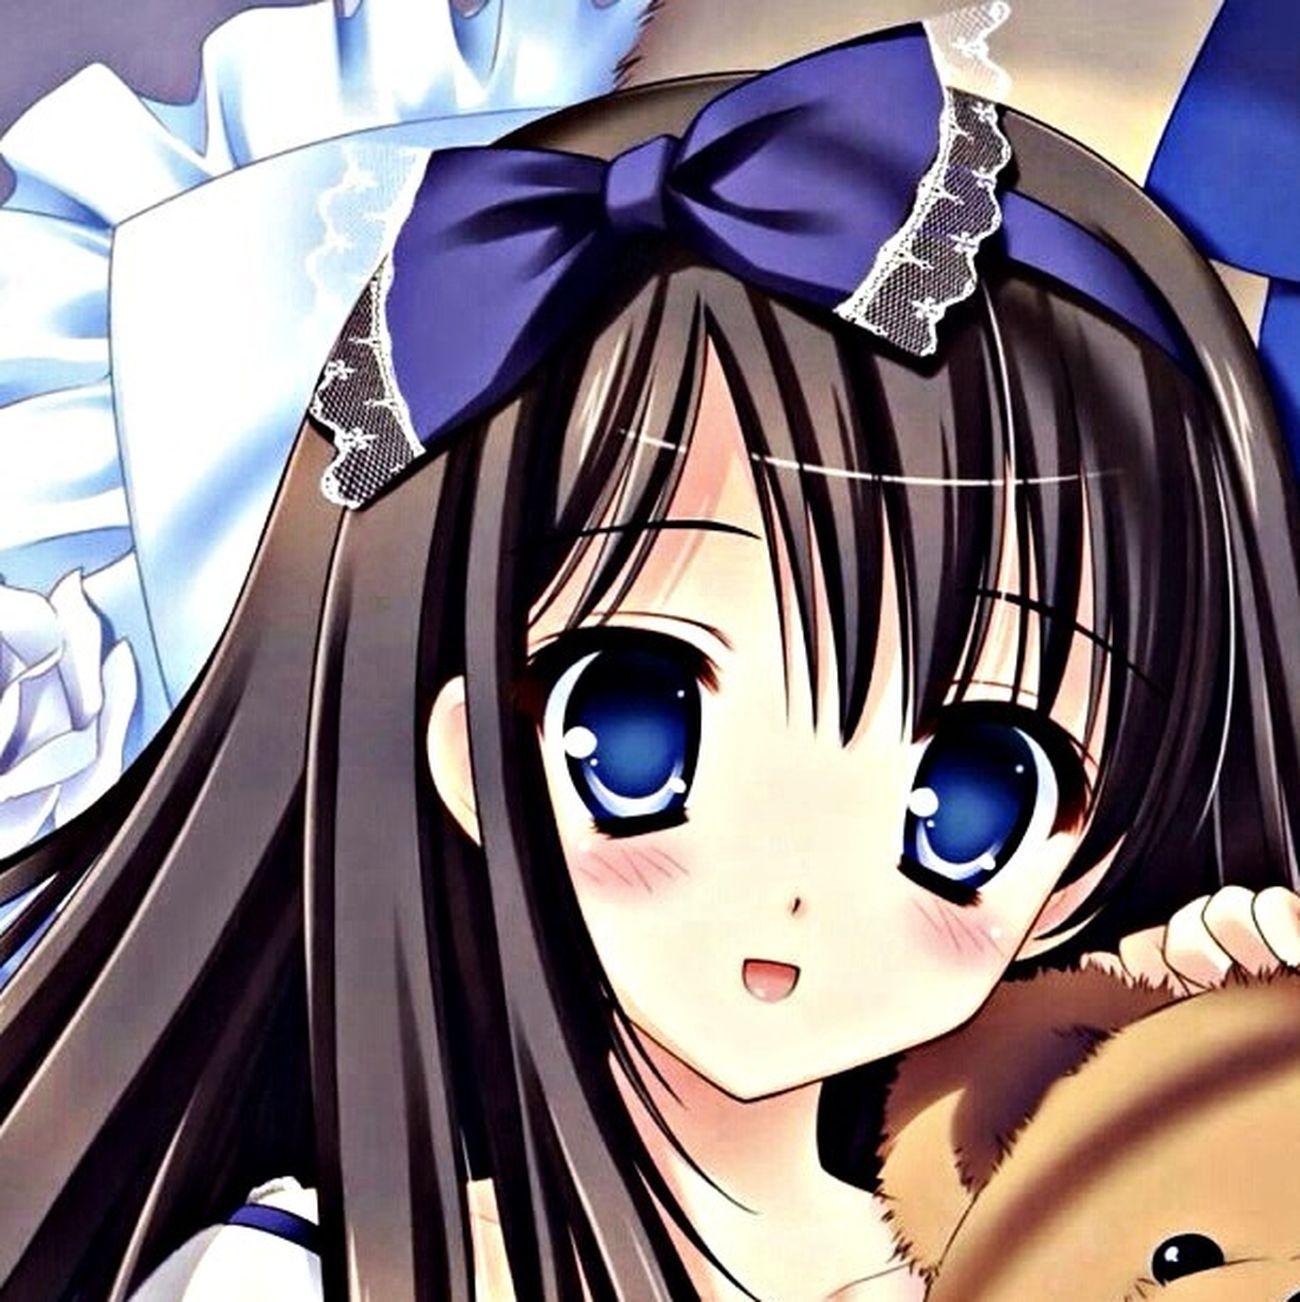 KAWAII Anime Manga Little Girl